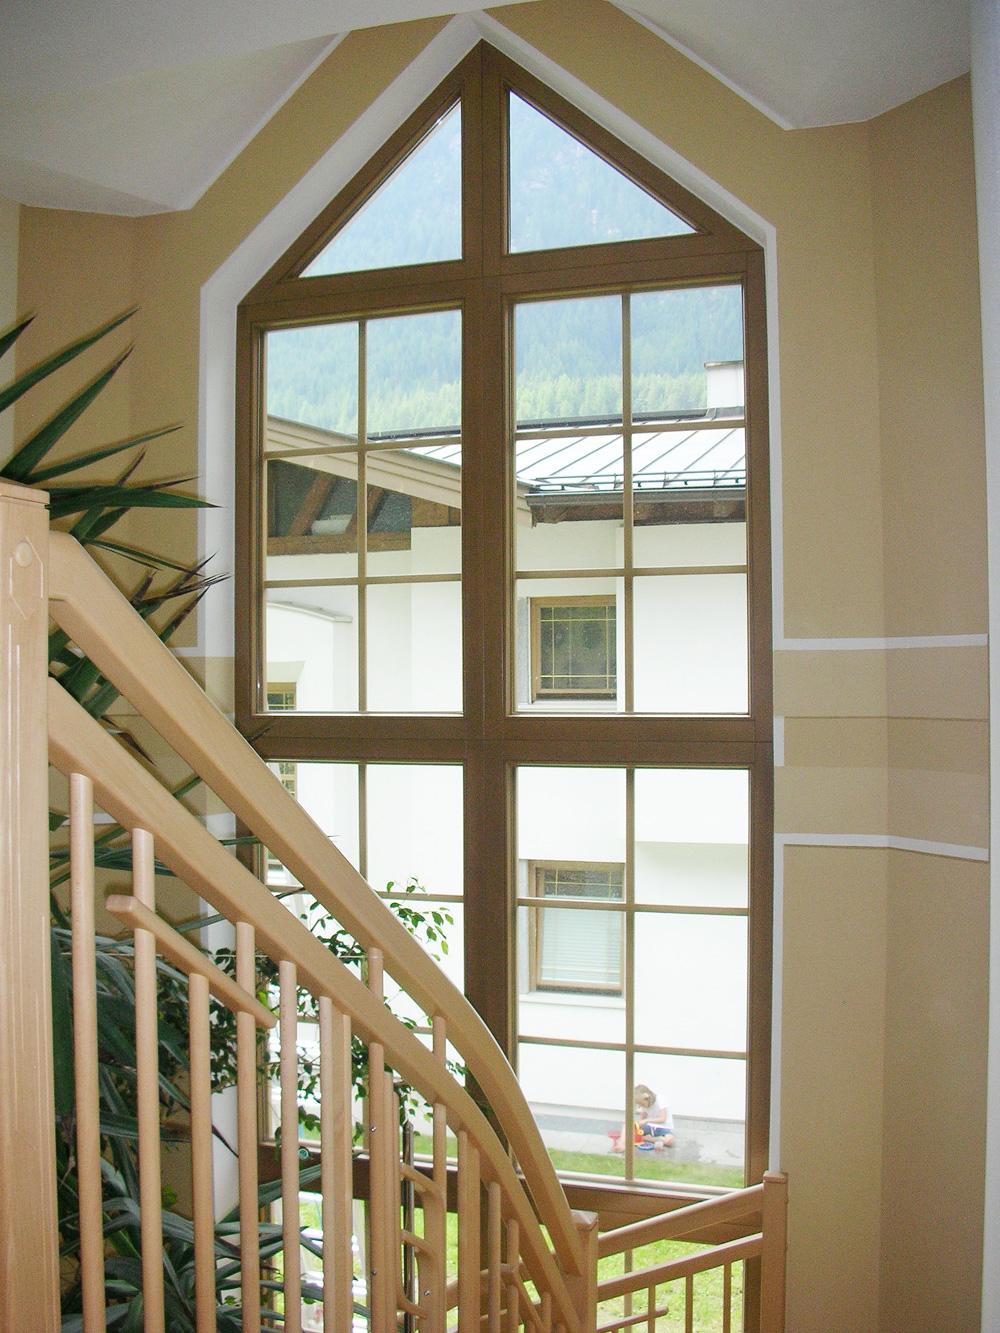 Wand Gestaltung Malerei : Malerei in tirol wandgestaltung und wohnraumkonzepte